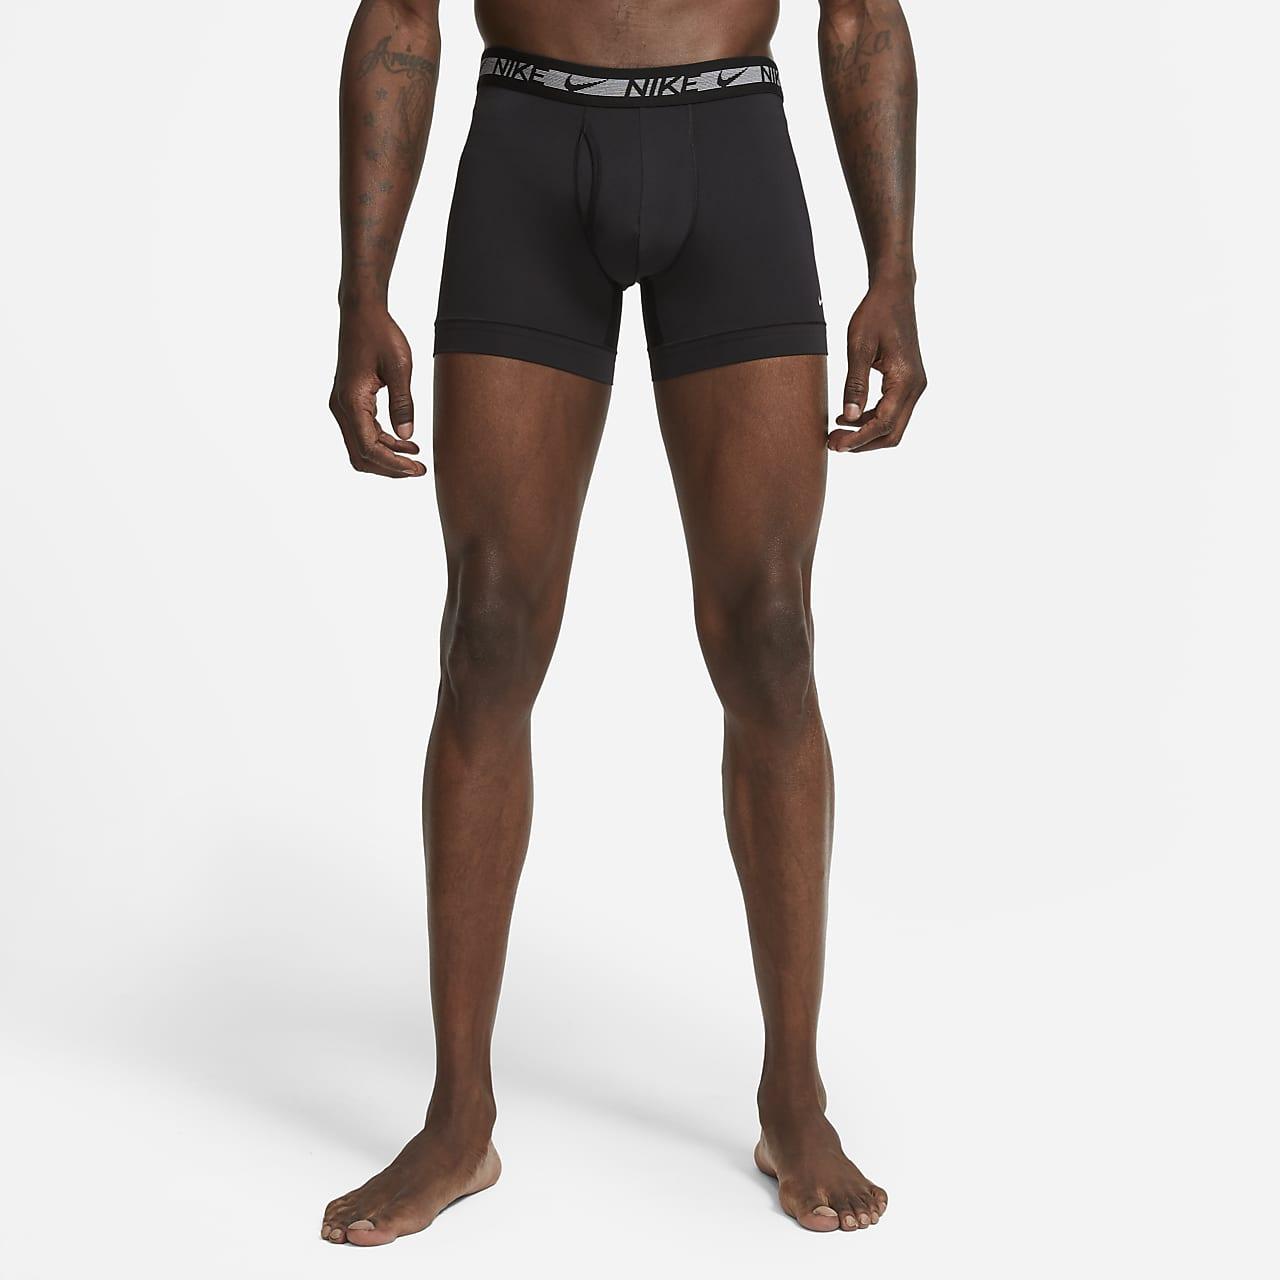 Nike Flex Micro Men's Trunks (3-Pack)